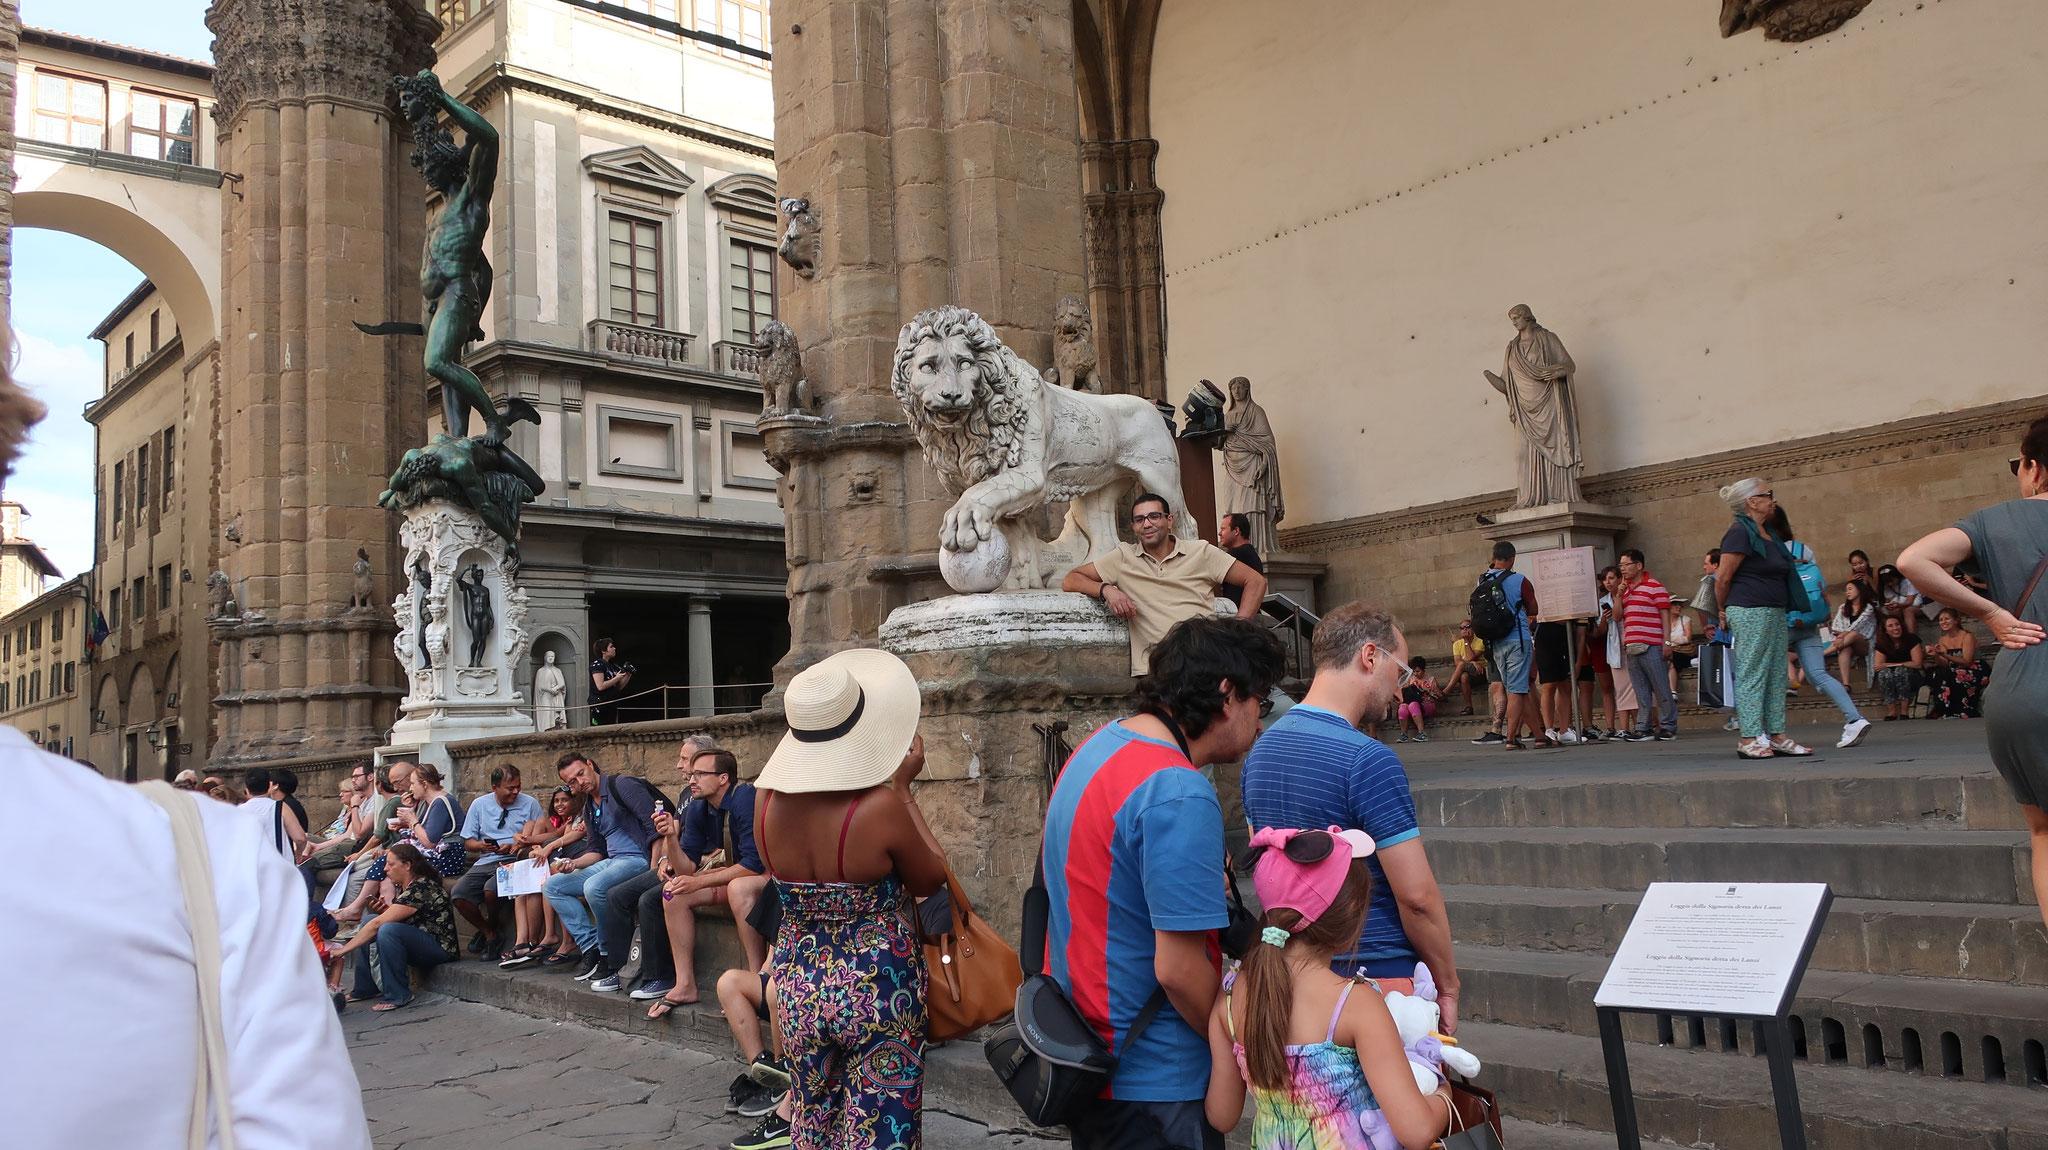 ランツィのロッジア(回廊)。フィレンツェ共和国の時代、シニョリーア広場では市民集会がしばしば開かれました。 集会が雨でも行えるように、14世紀に回廊が造られました。